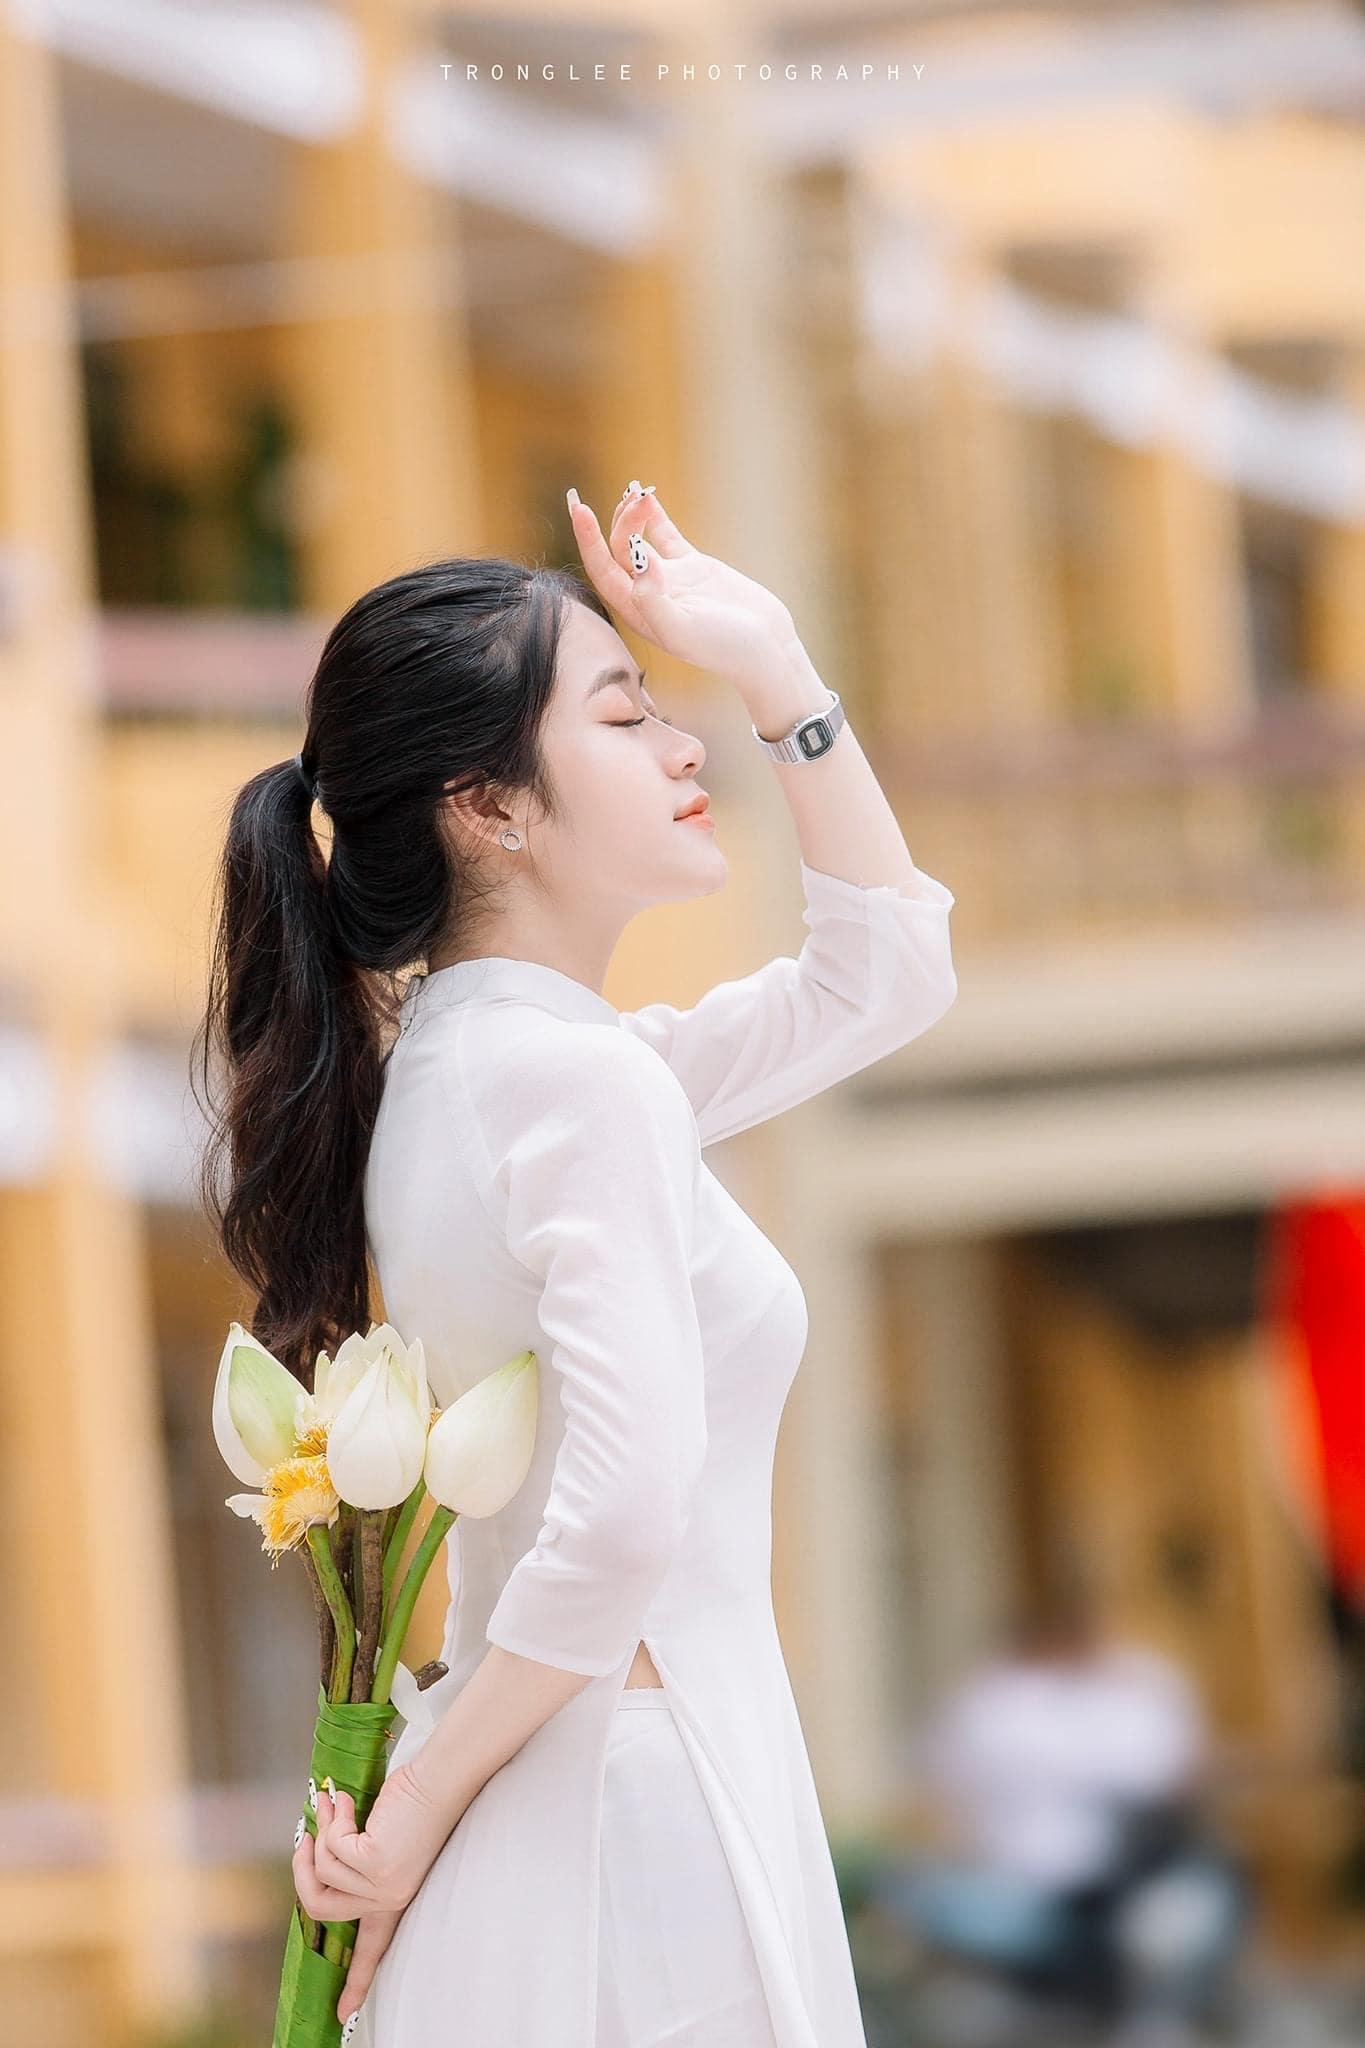 Tao dang voi ao dai 1 - 49 cách tạo dáng chụp ảnh với áo dài tuyệt đẹp - HThao Studio